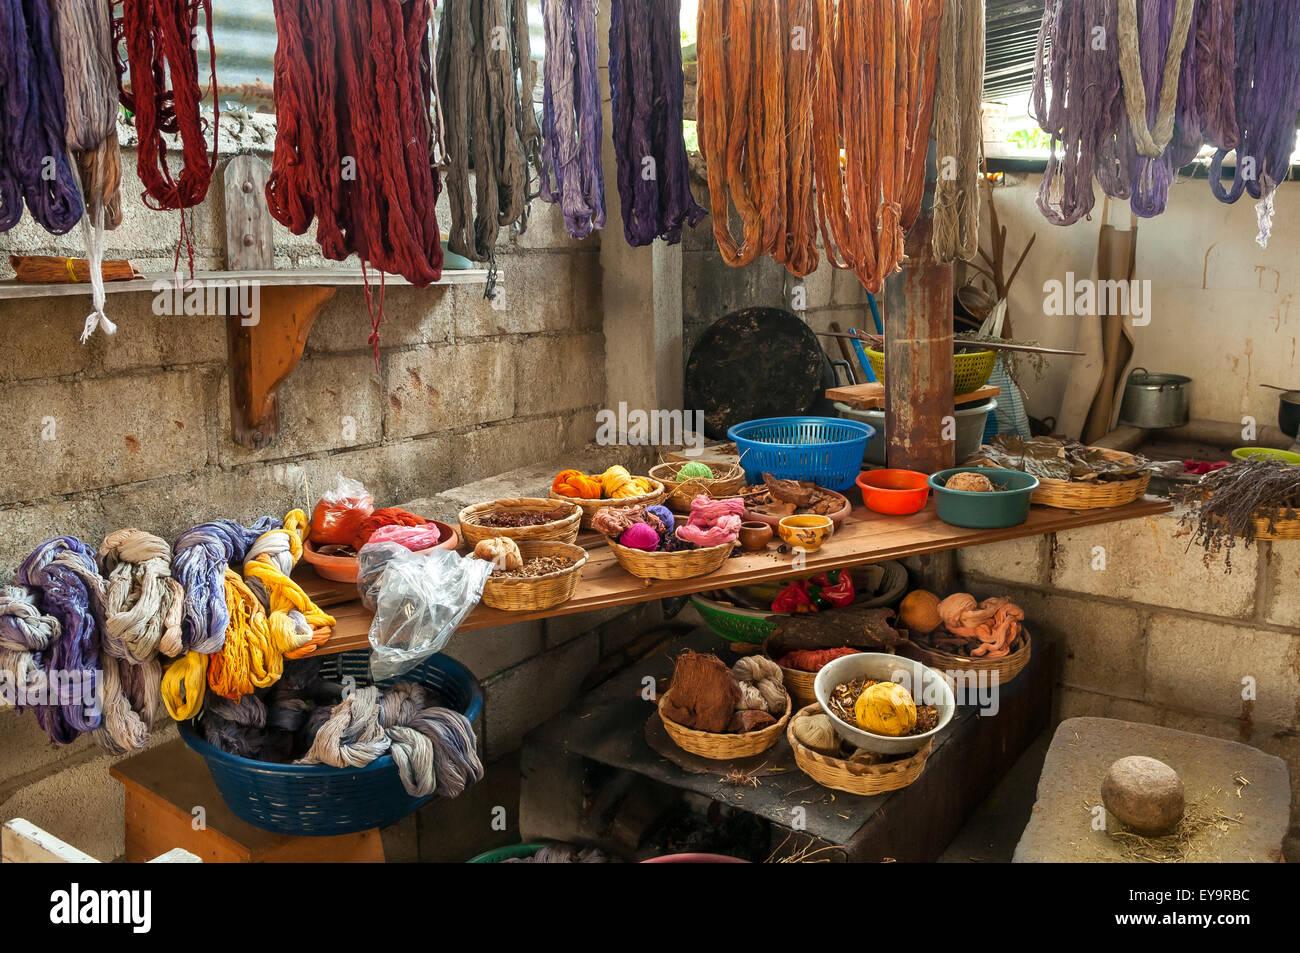 Dyed Cotton at Weaving Factory, San Juan La Laguna, Lake Atitlan, Guatemala - Stock Image